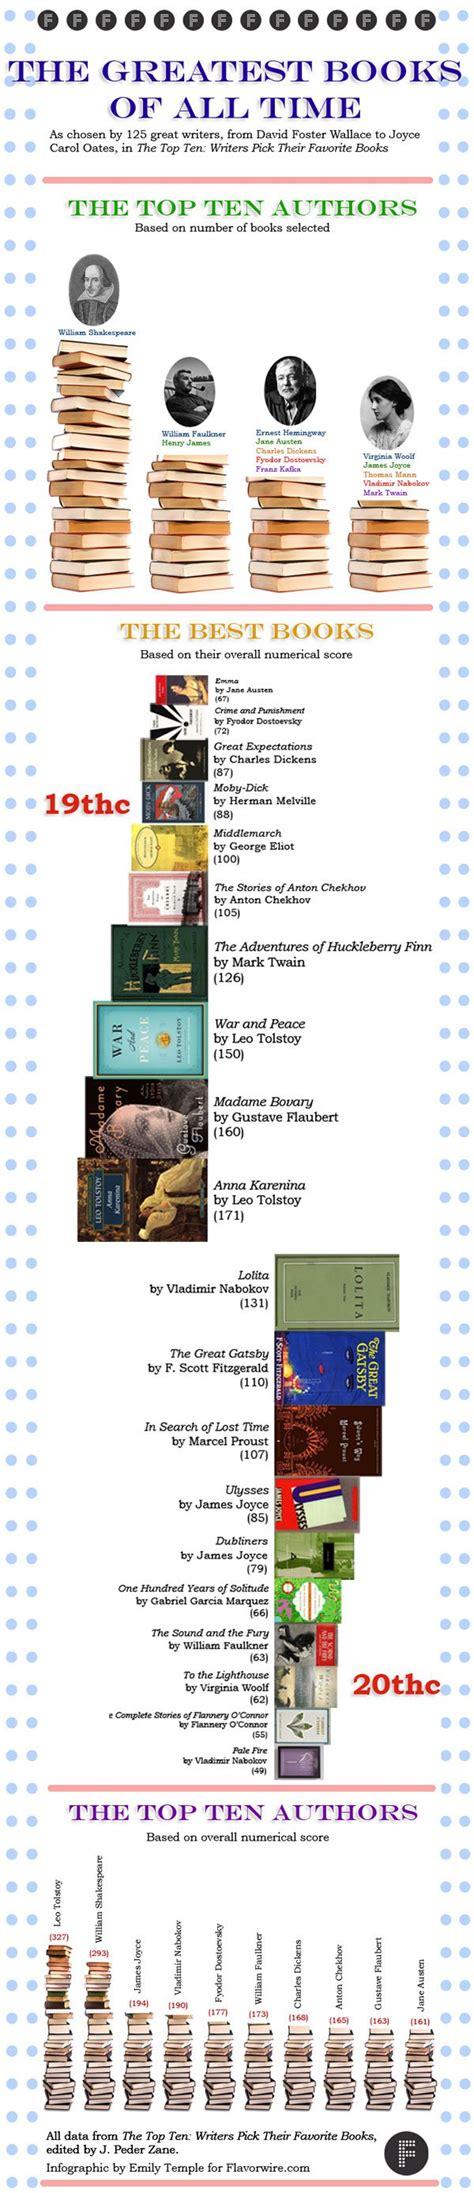 leer libro los mares del sur ahora los mejores libros de todos los tiempos ahora en infograf 237 a libr 243 patas